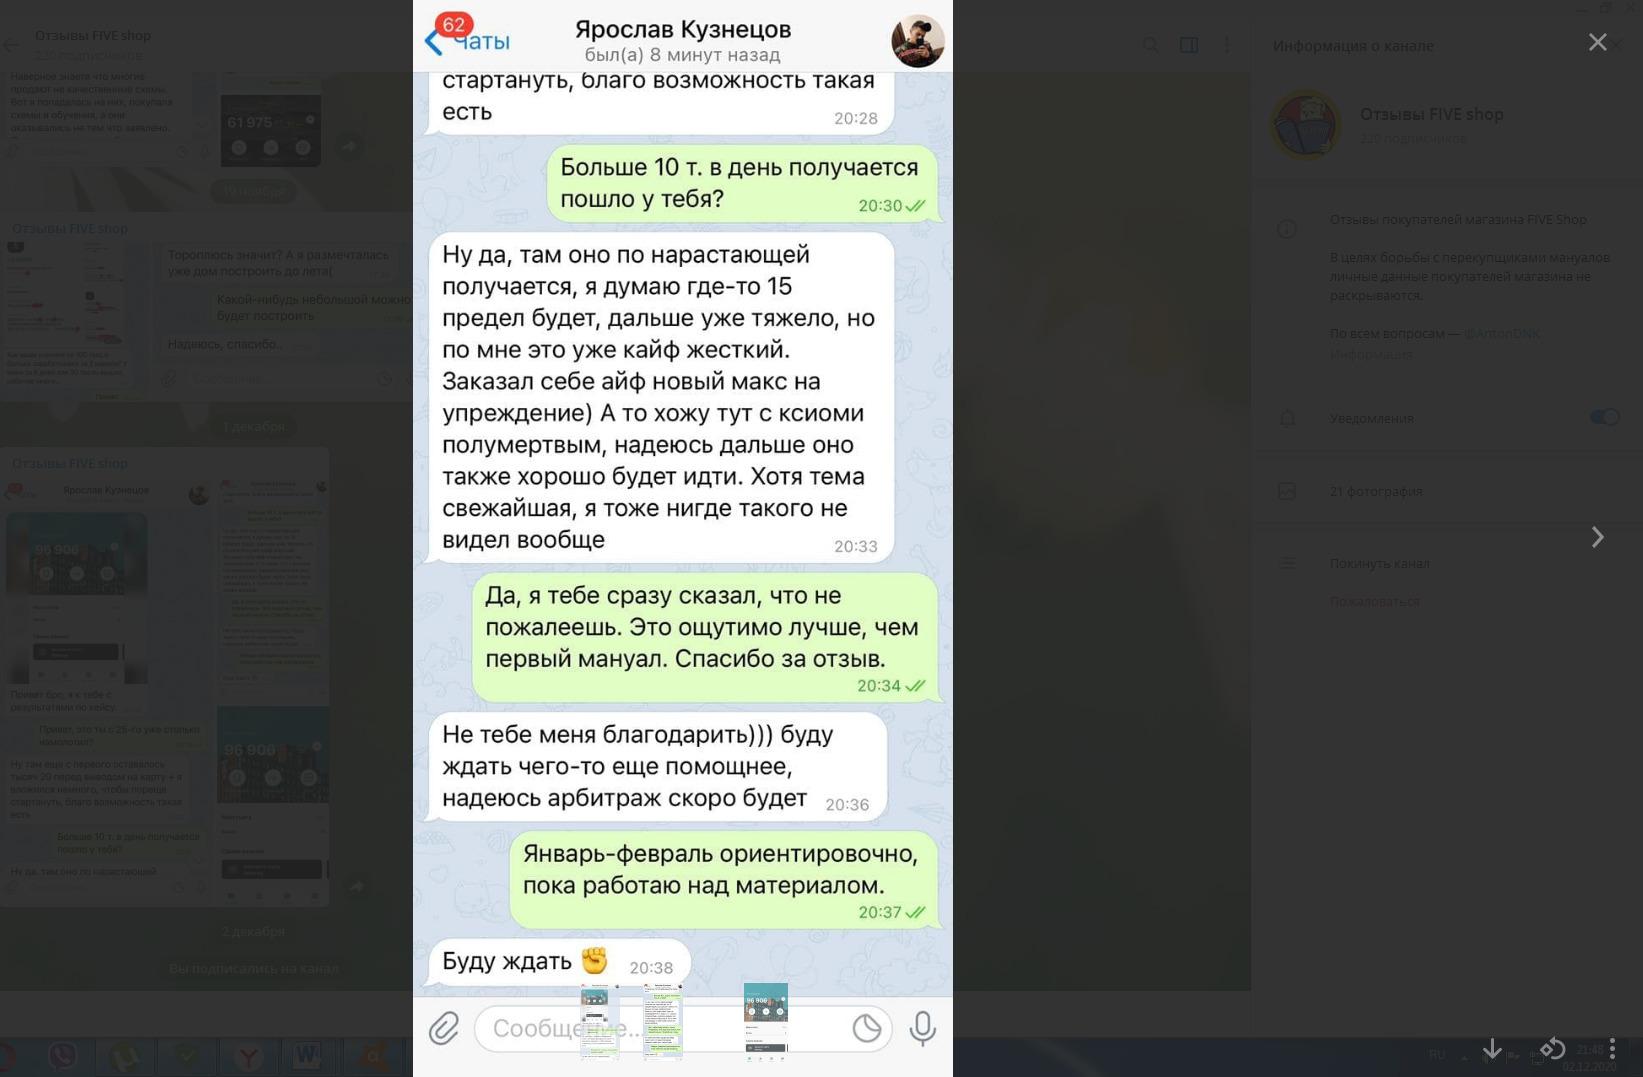 Скриншоты с выплатами и фото переписки